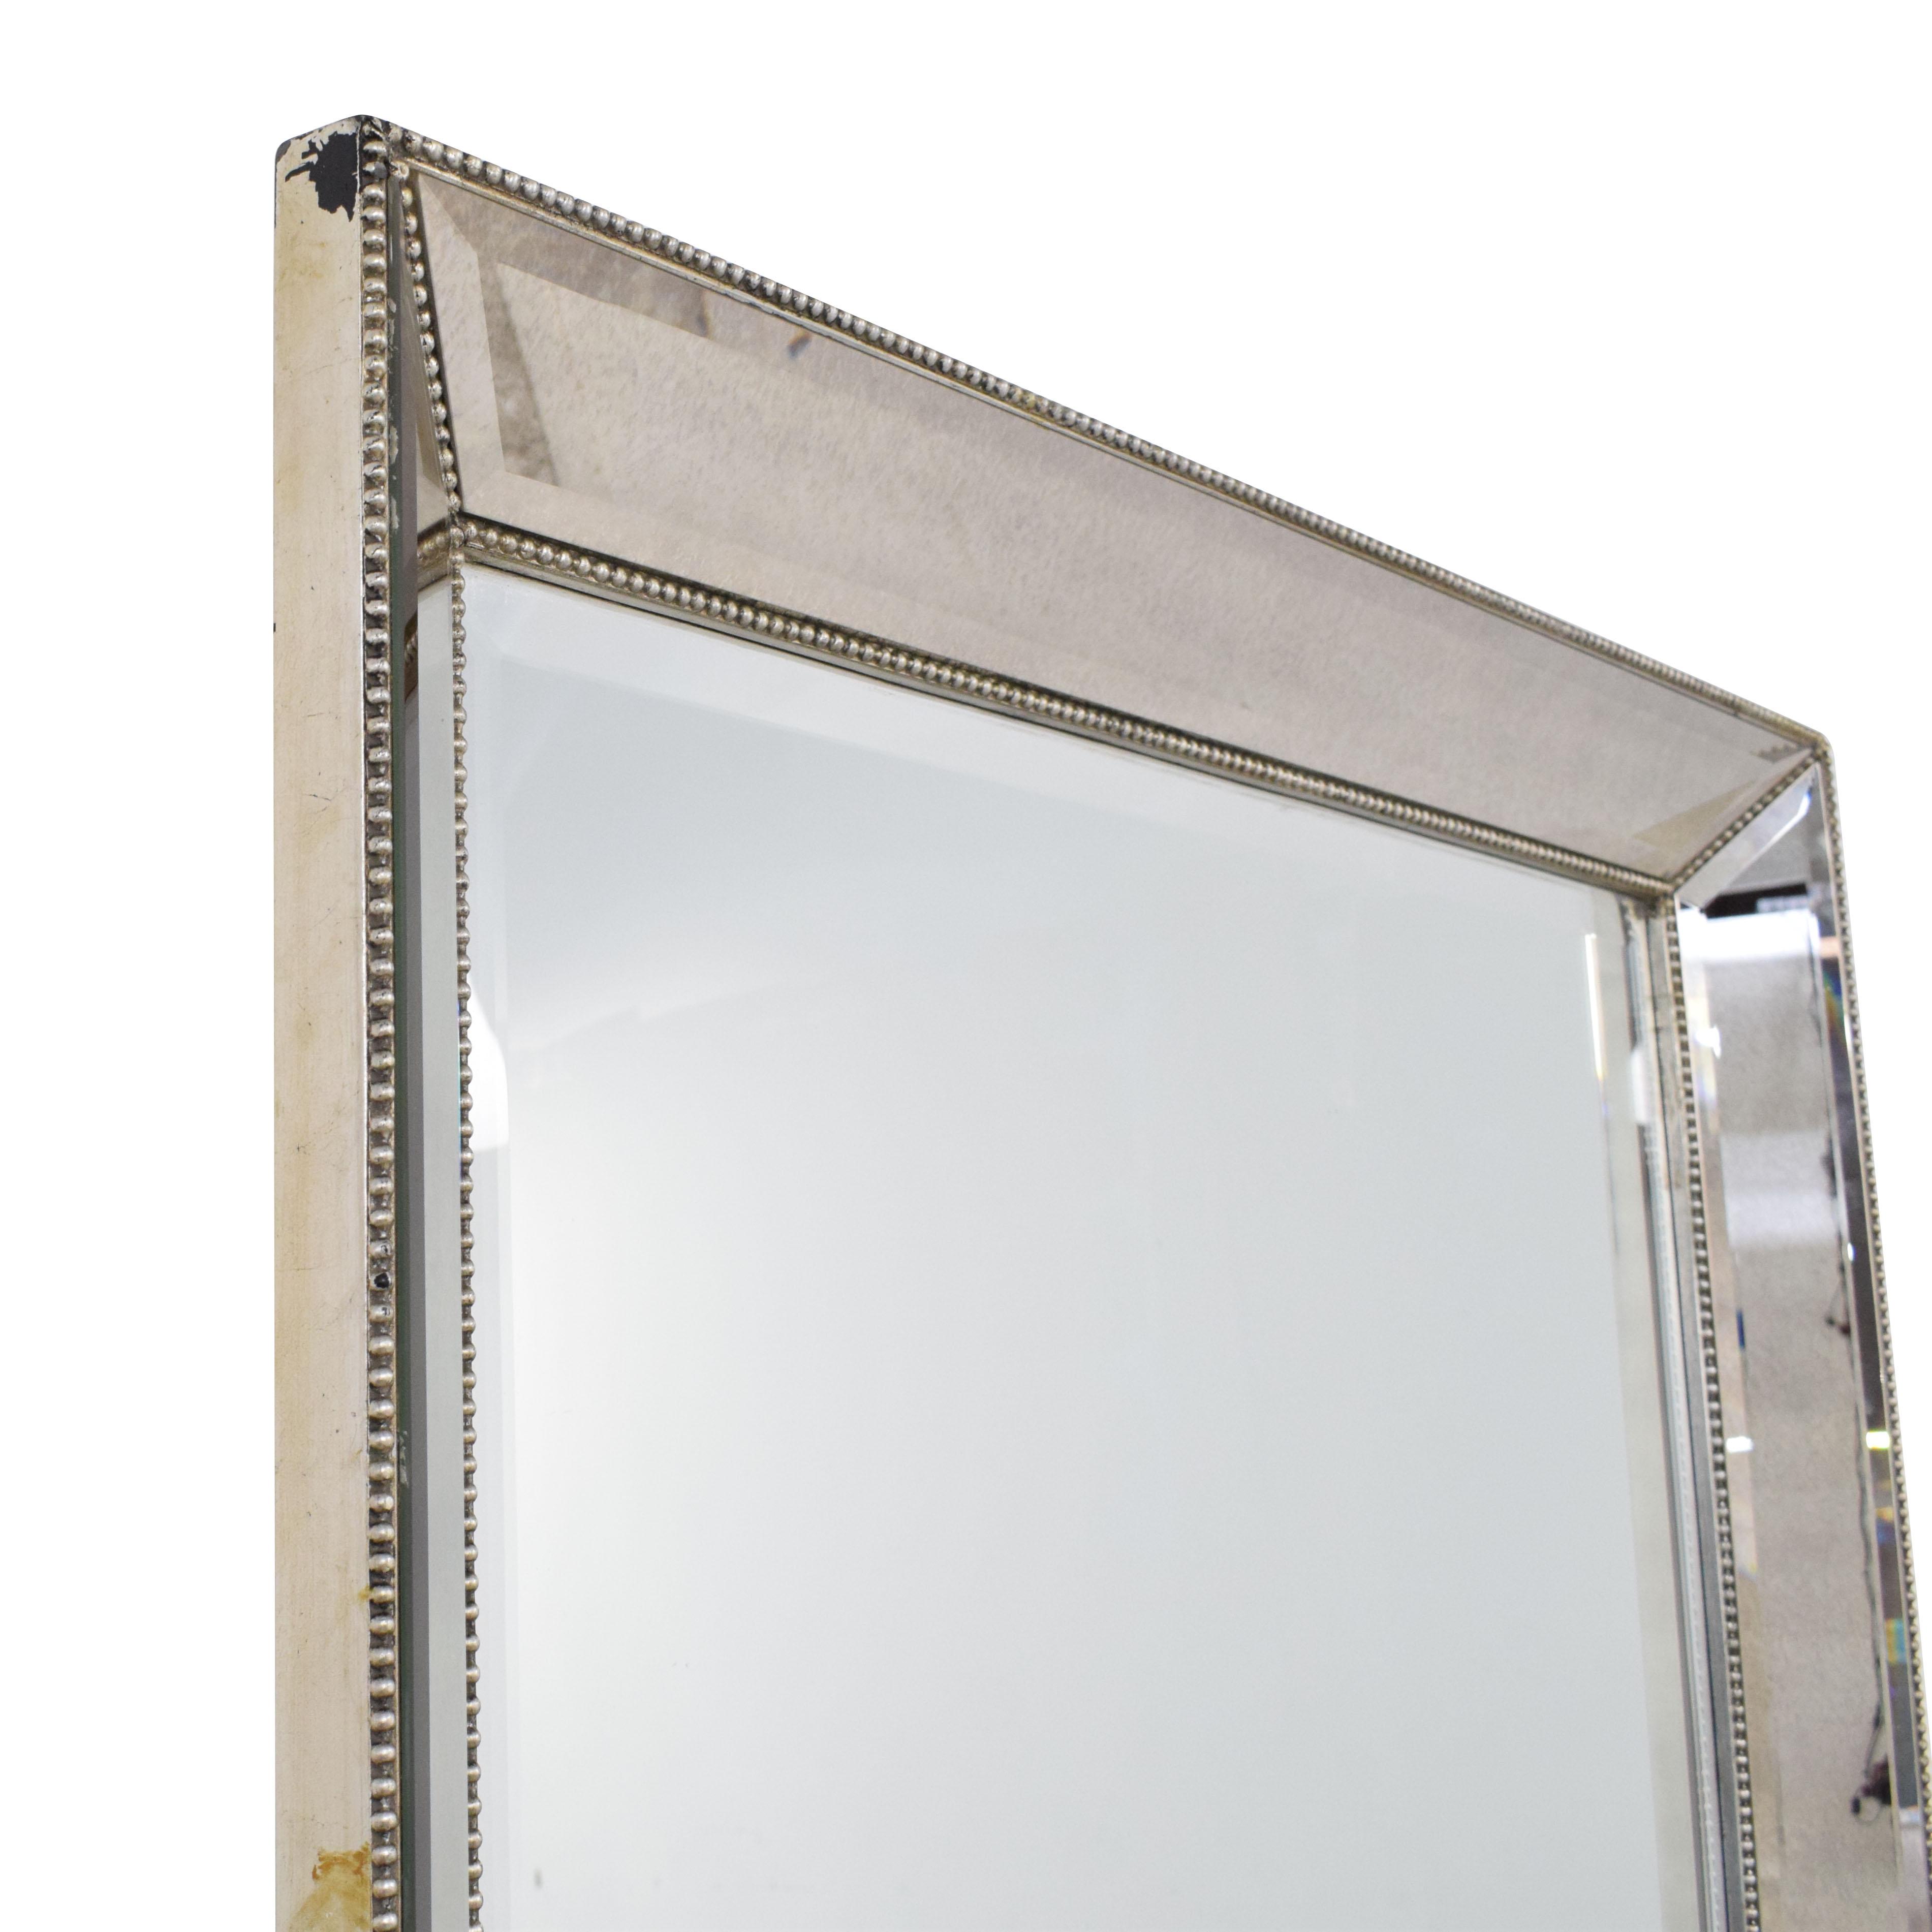 Bassett Mirror Company Beaded Leaner Mirror Bassett Mirror Company